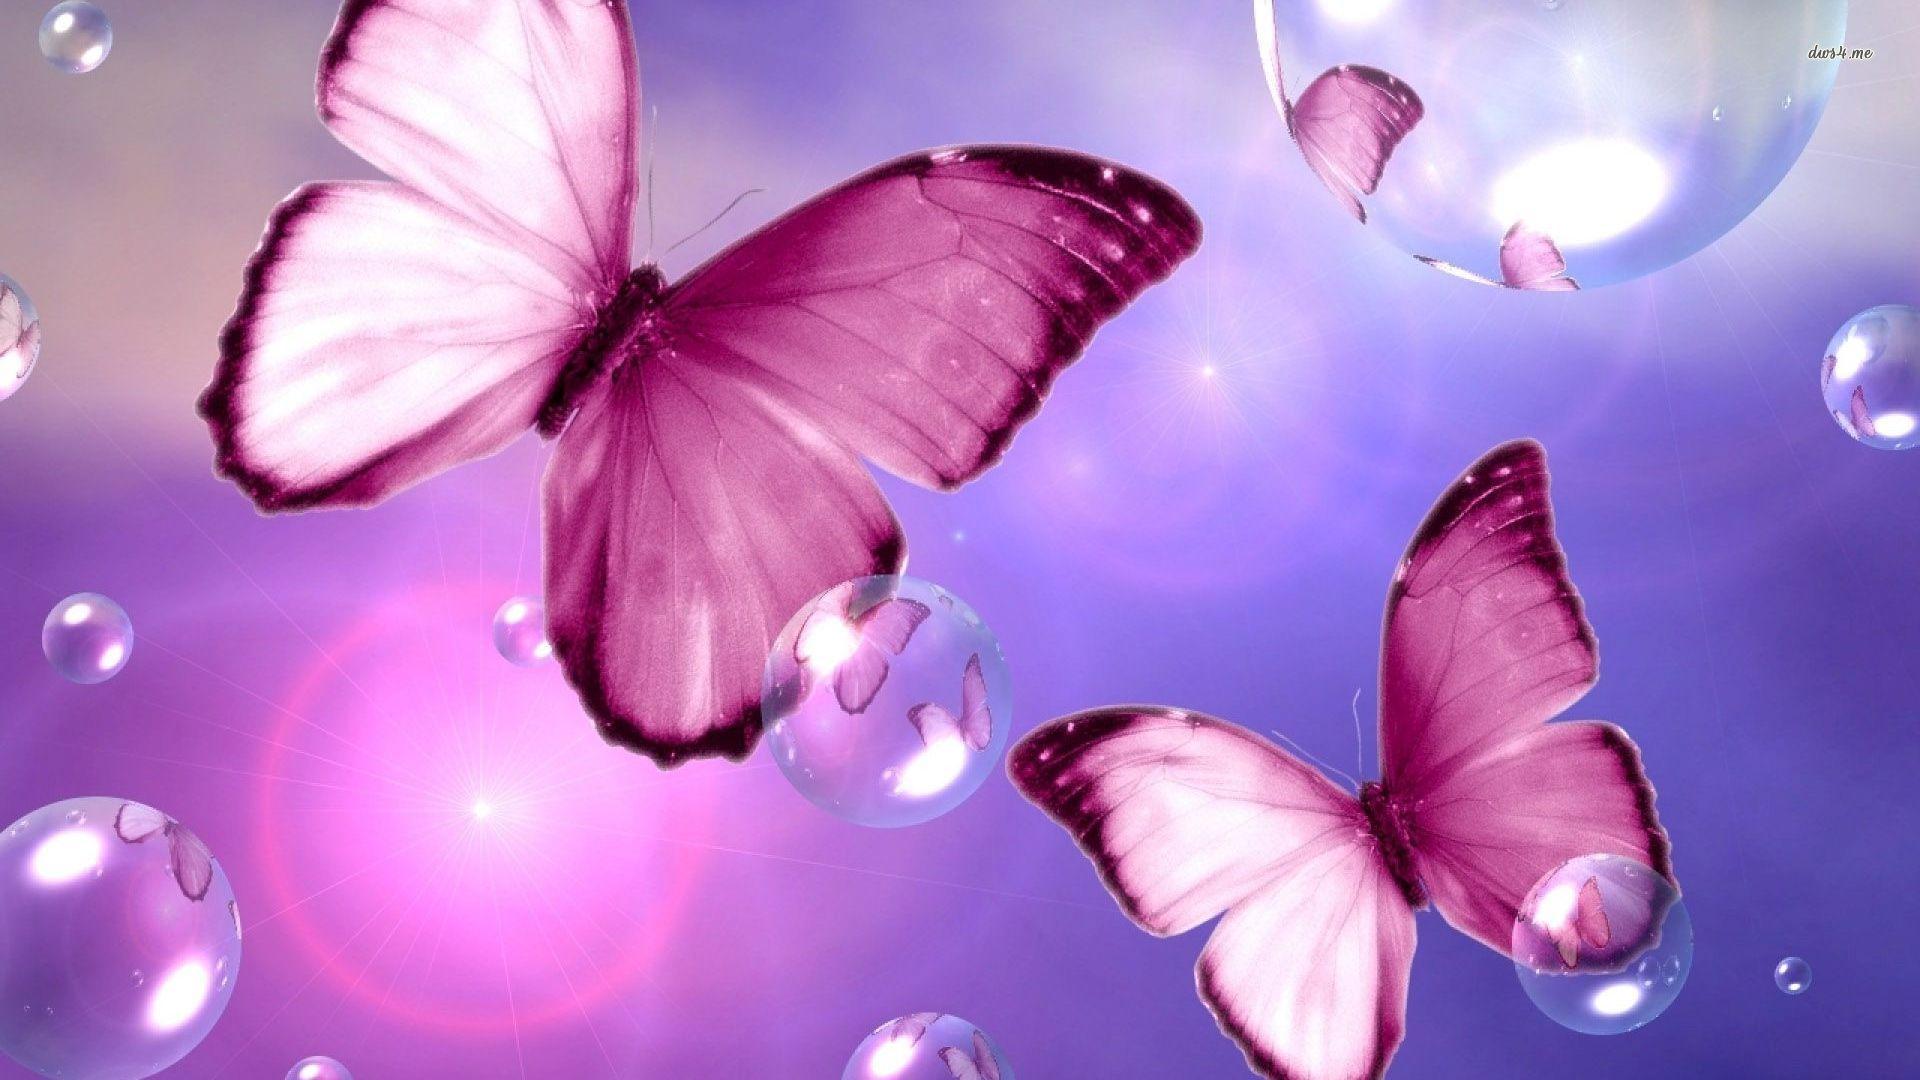 Pink Butterflies Wallpaper - Butterflies And Bubbles Background , HD Wallpaper & Backgrounds